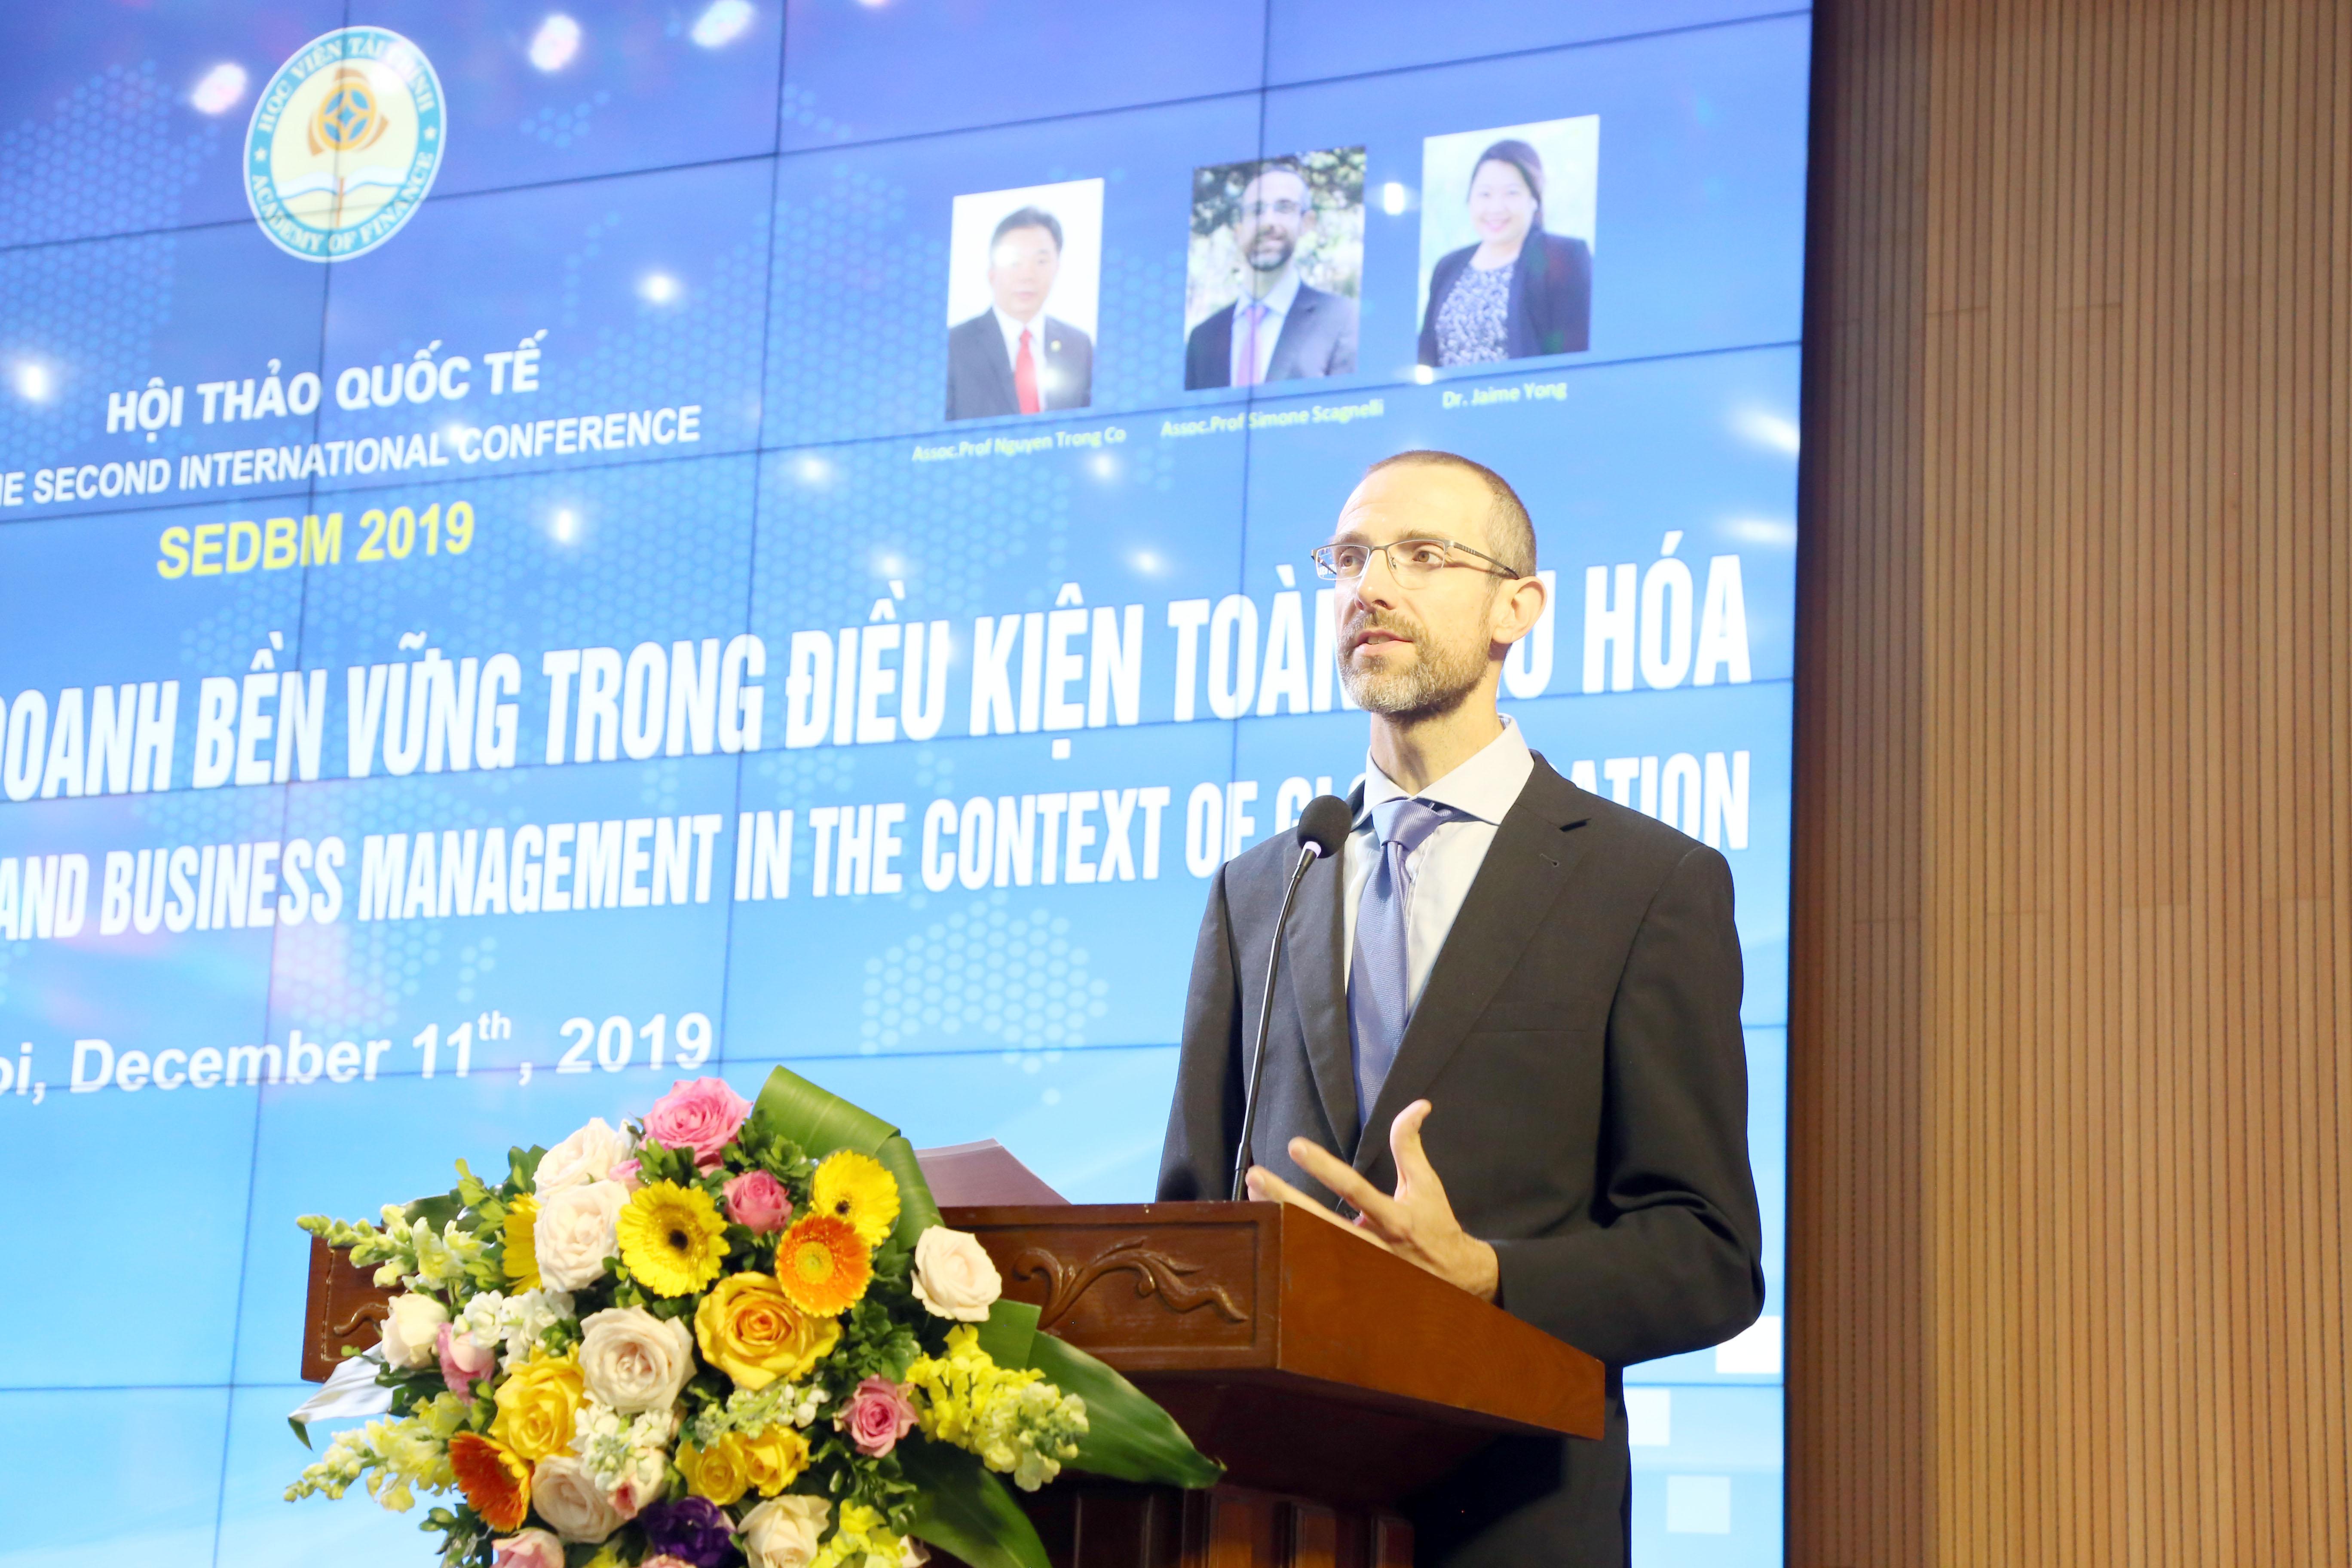 """Hội thảo quốc tế: """"Phát triển kinh tế và Kinh doanh bền vững trong điều kiện toàn cầu hóa"""" (SEDBM) 2019"""